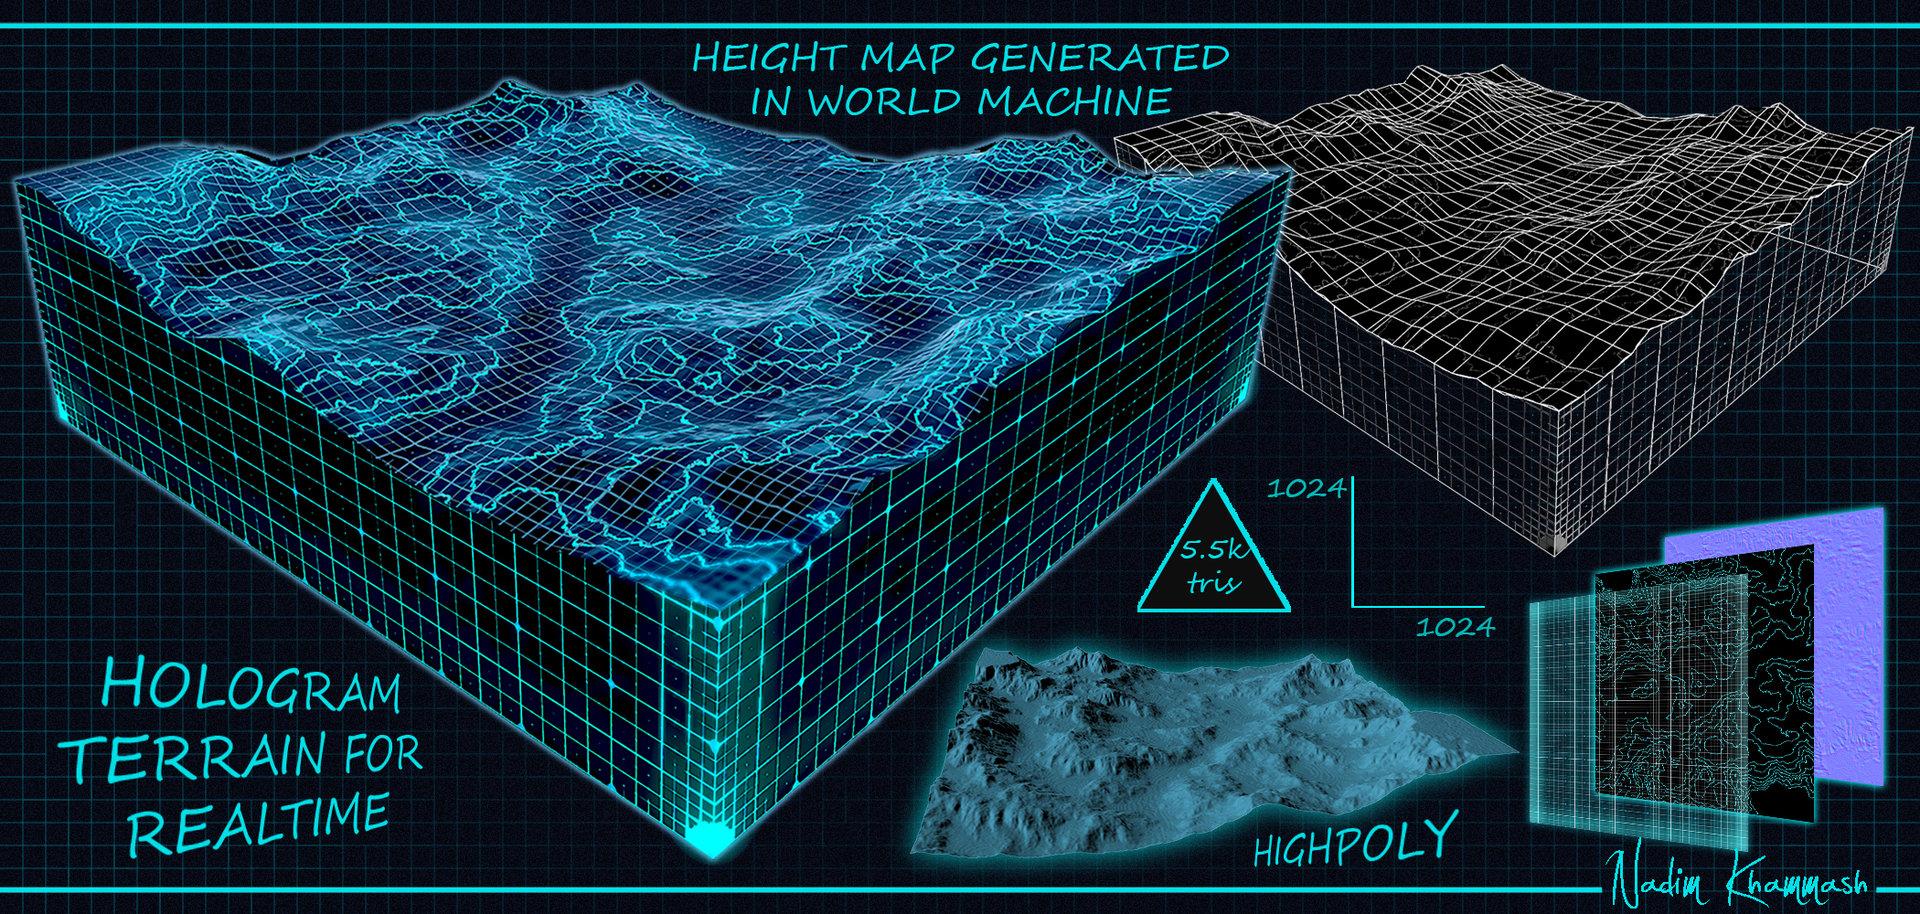 ArtStation Terrain Hologram Real Time Nadim Khammash - World heightmap